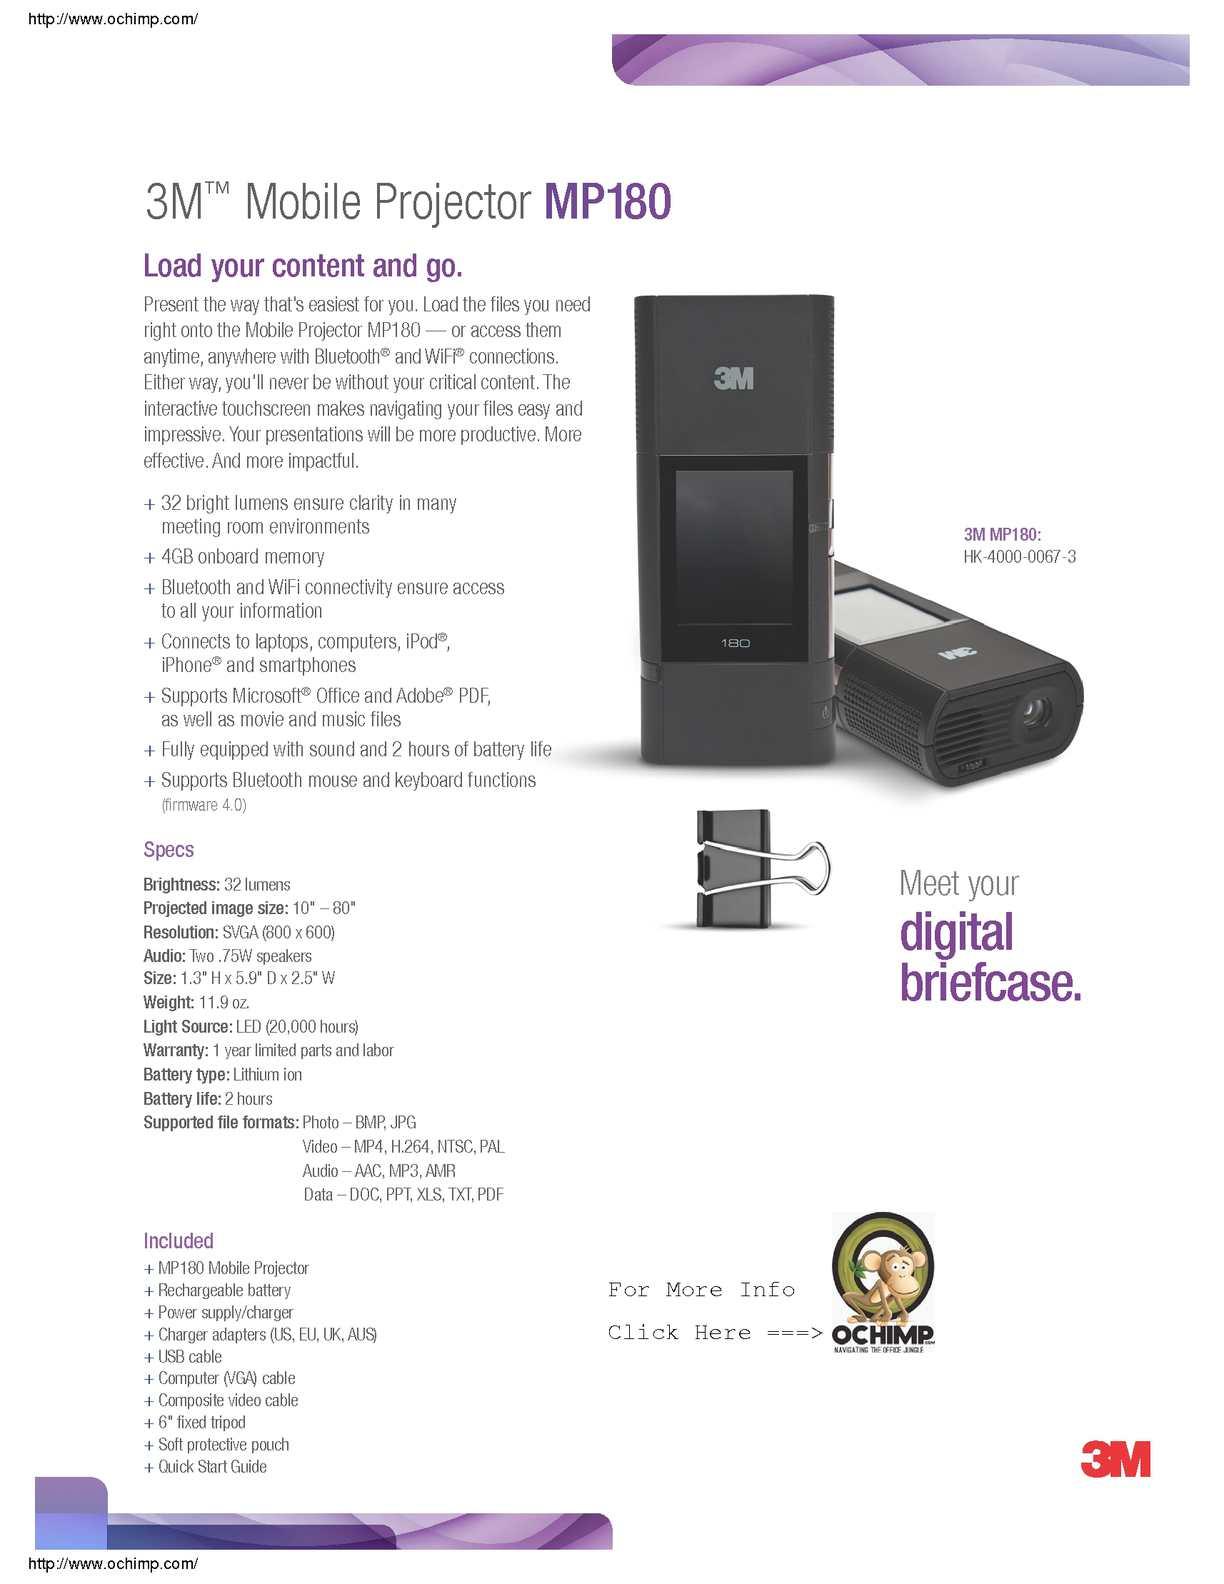 Calaméo - 3M MP180 Pocket Projector, 800 x 600 pixels, 32